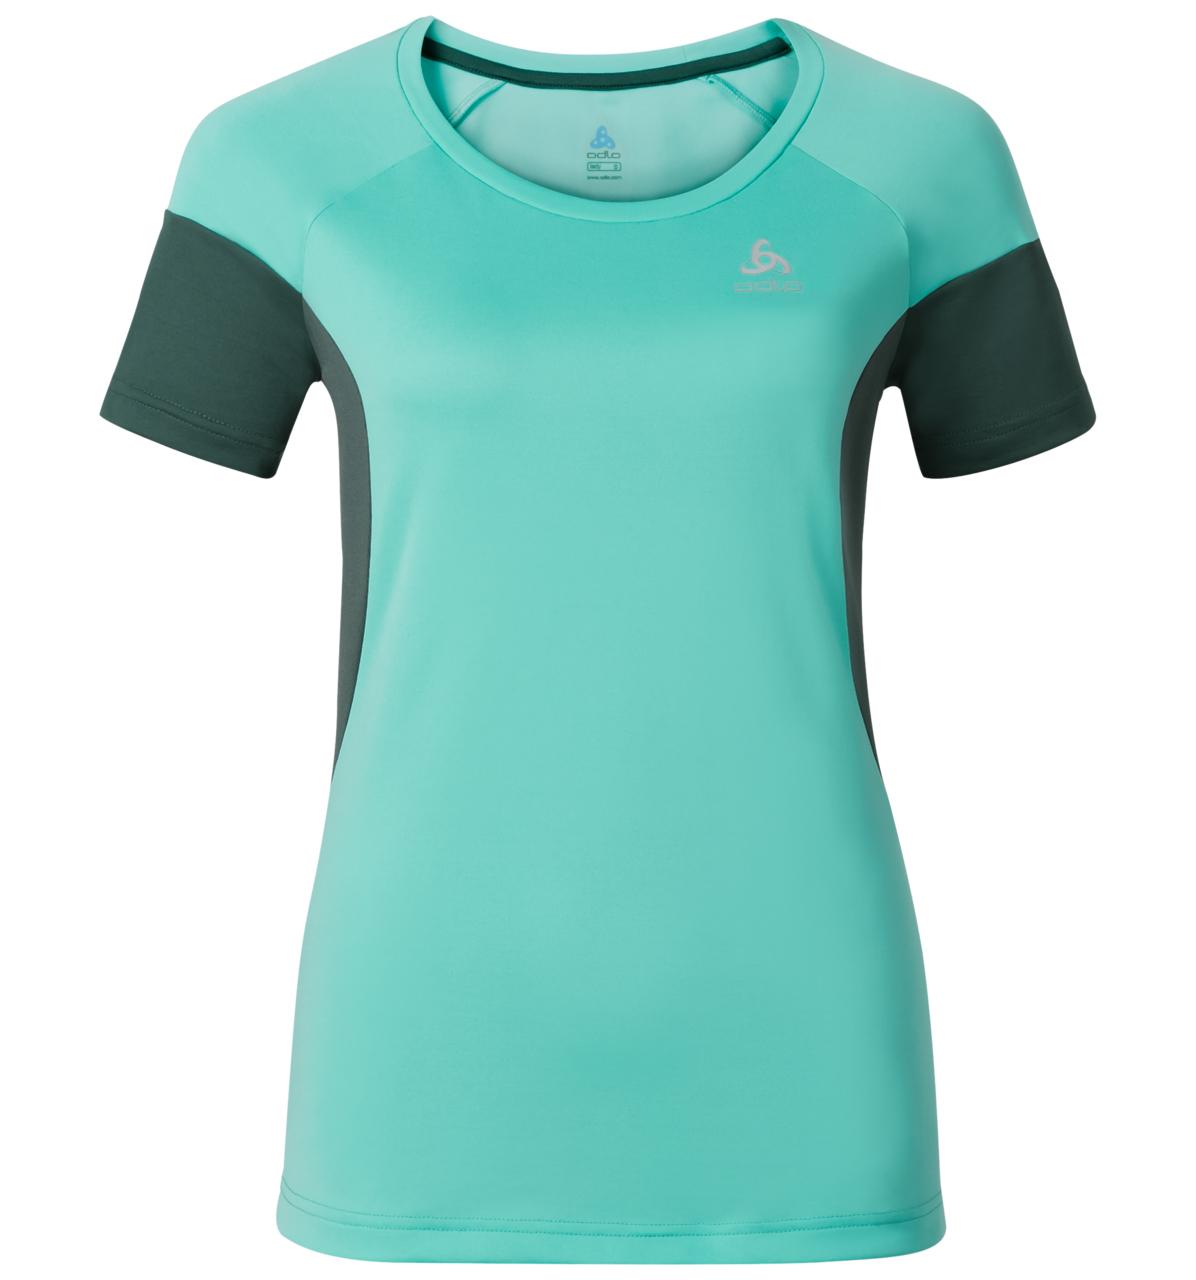 Odlo dame T-shirt - Versilia - mintgrøn | Jerseys